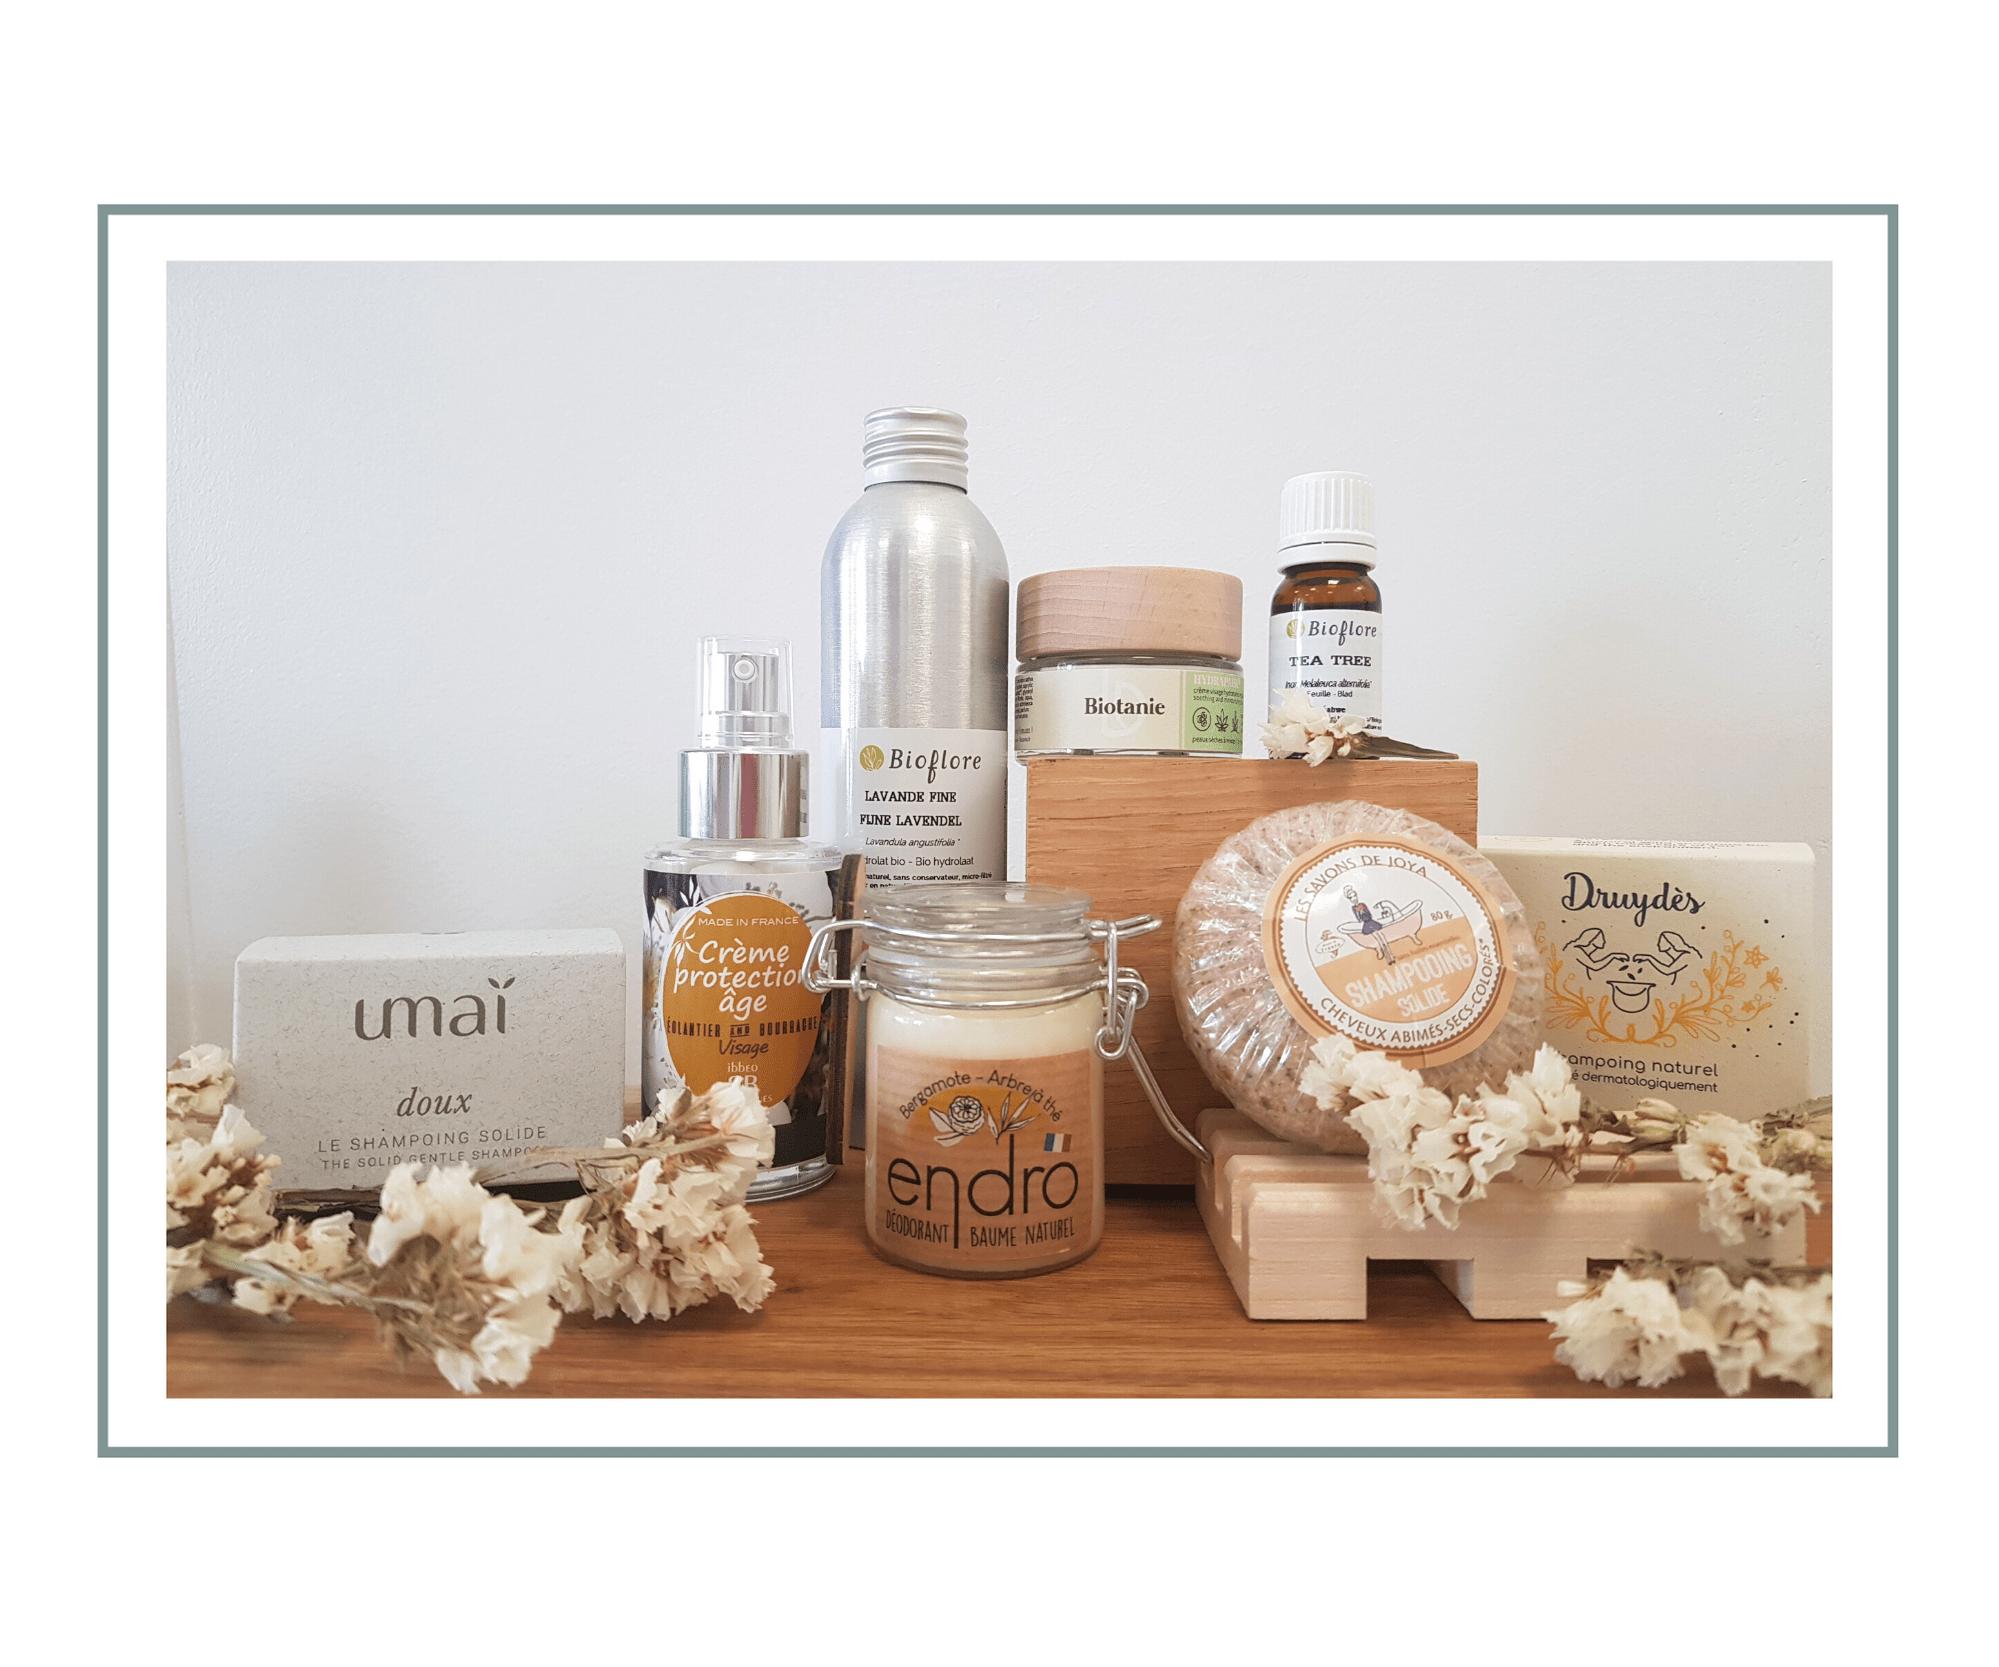 Les alternatives aux emballages plastiques en cosmétique